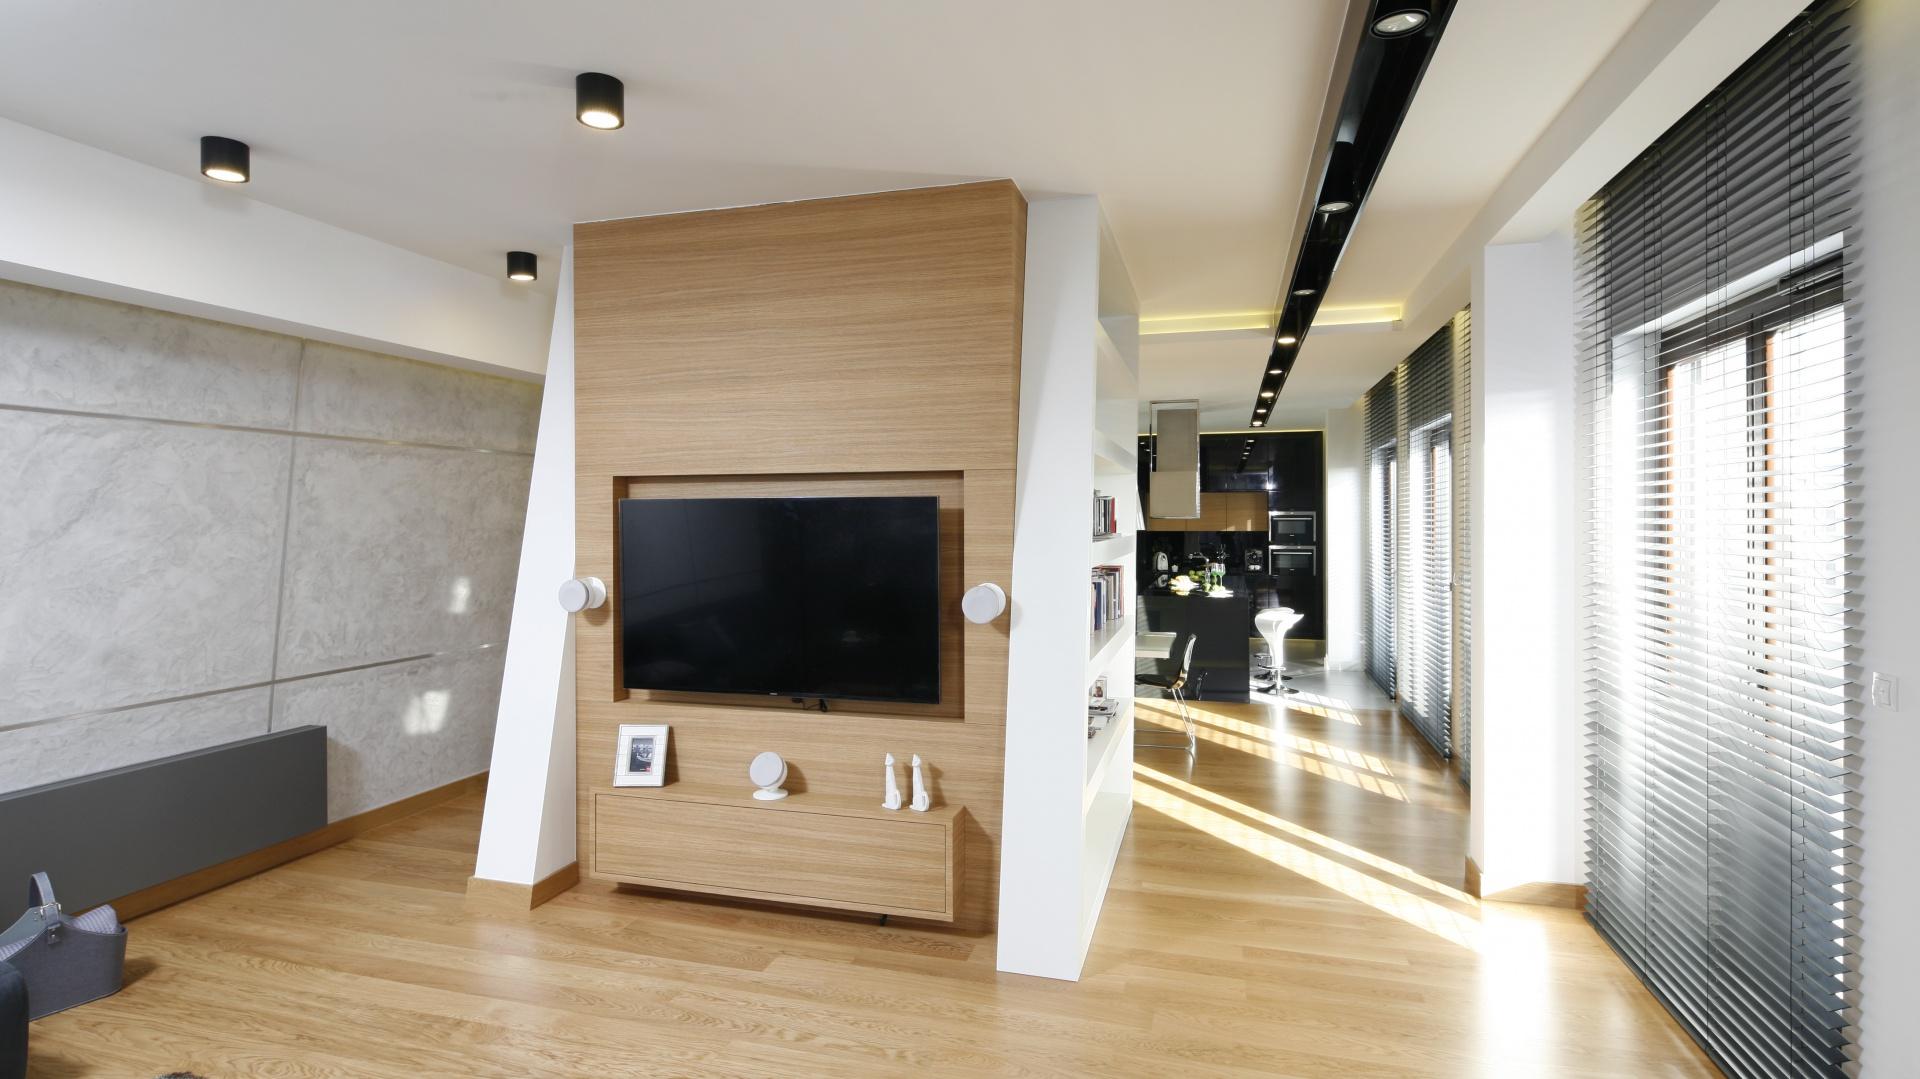 Otwartą część dzienną dzieli element konstrukcyjny budynku. Od strony wypoczynkowej zamontowano na nim telewizor, który można oglądać siedząc na wygodnej kanapie. Element konstrukcyjny wykończony jest fornirem dębowym. Projekt: Monika i Adam Bronikowscy. Fot. Bartosz Jarosz